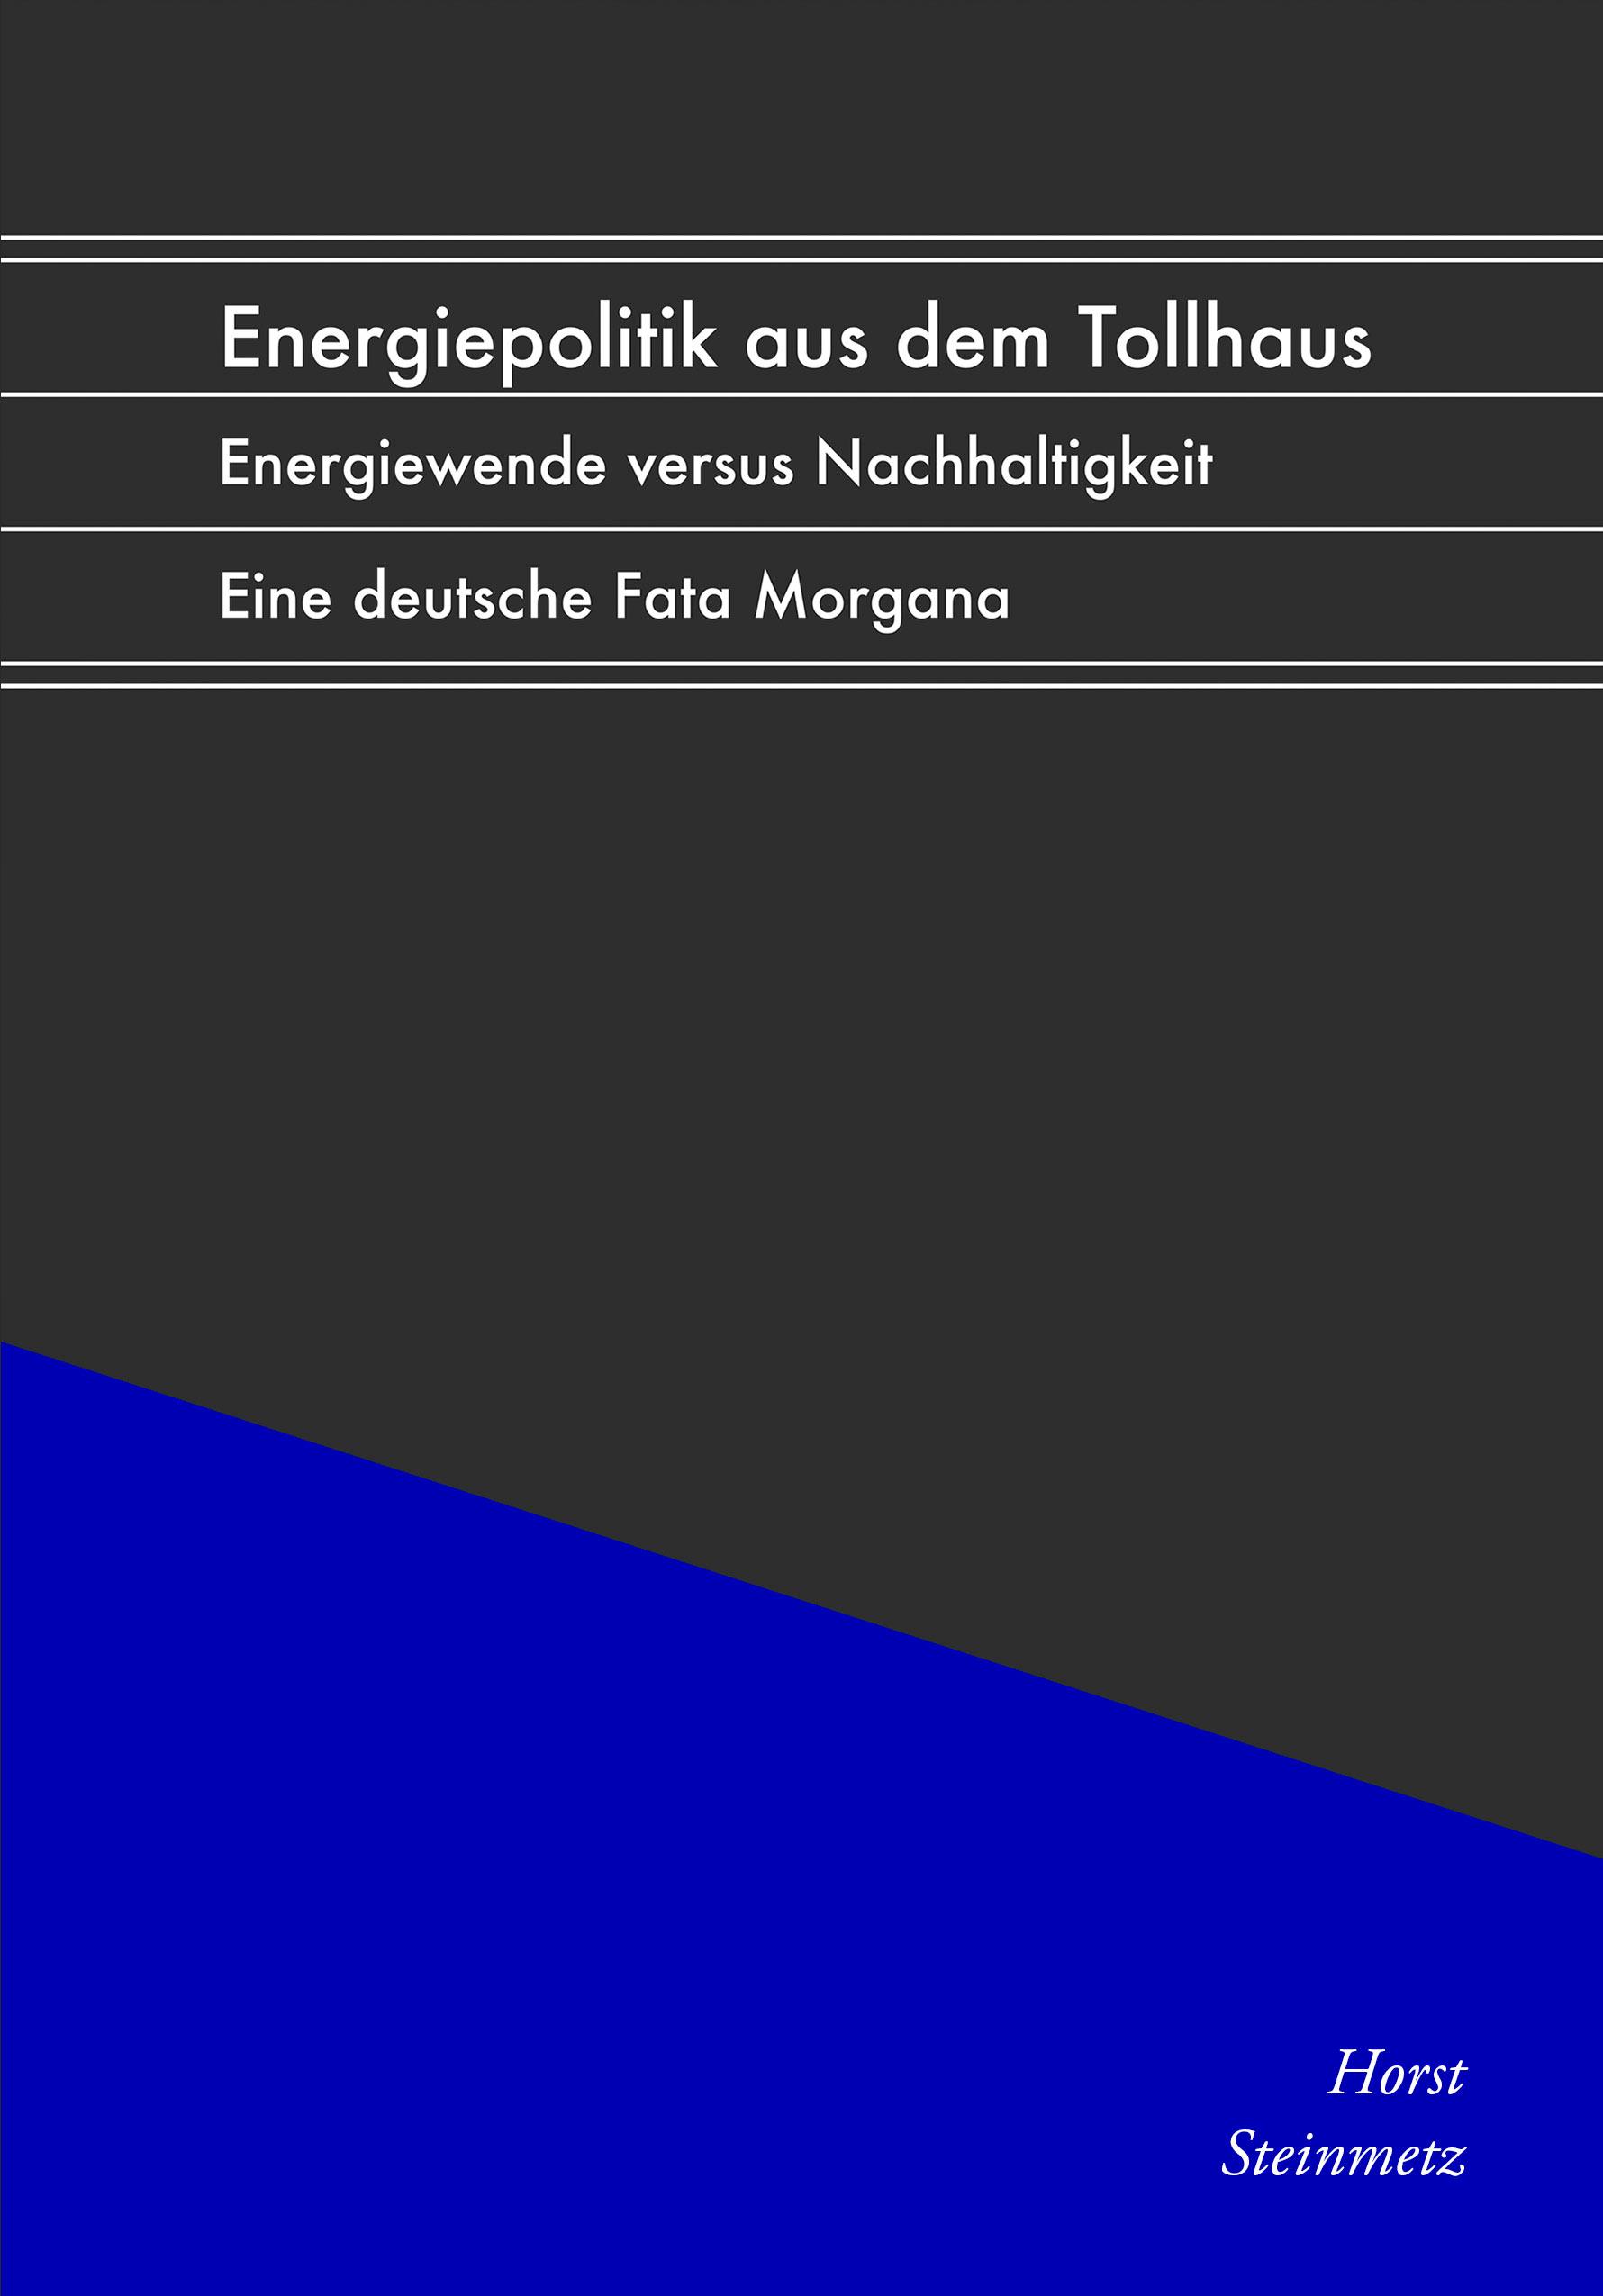 Horst Steinmetz.: Energiepolitik aus dem Tollhaus